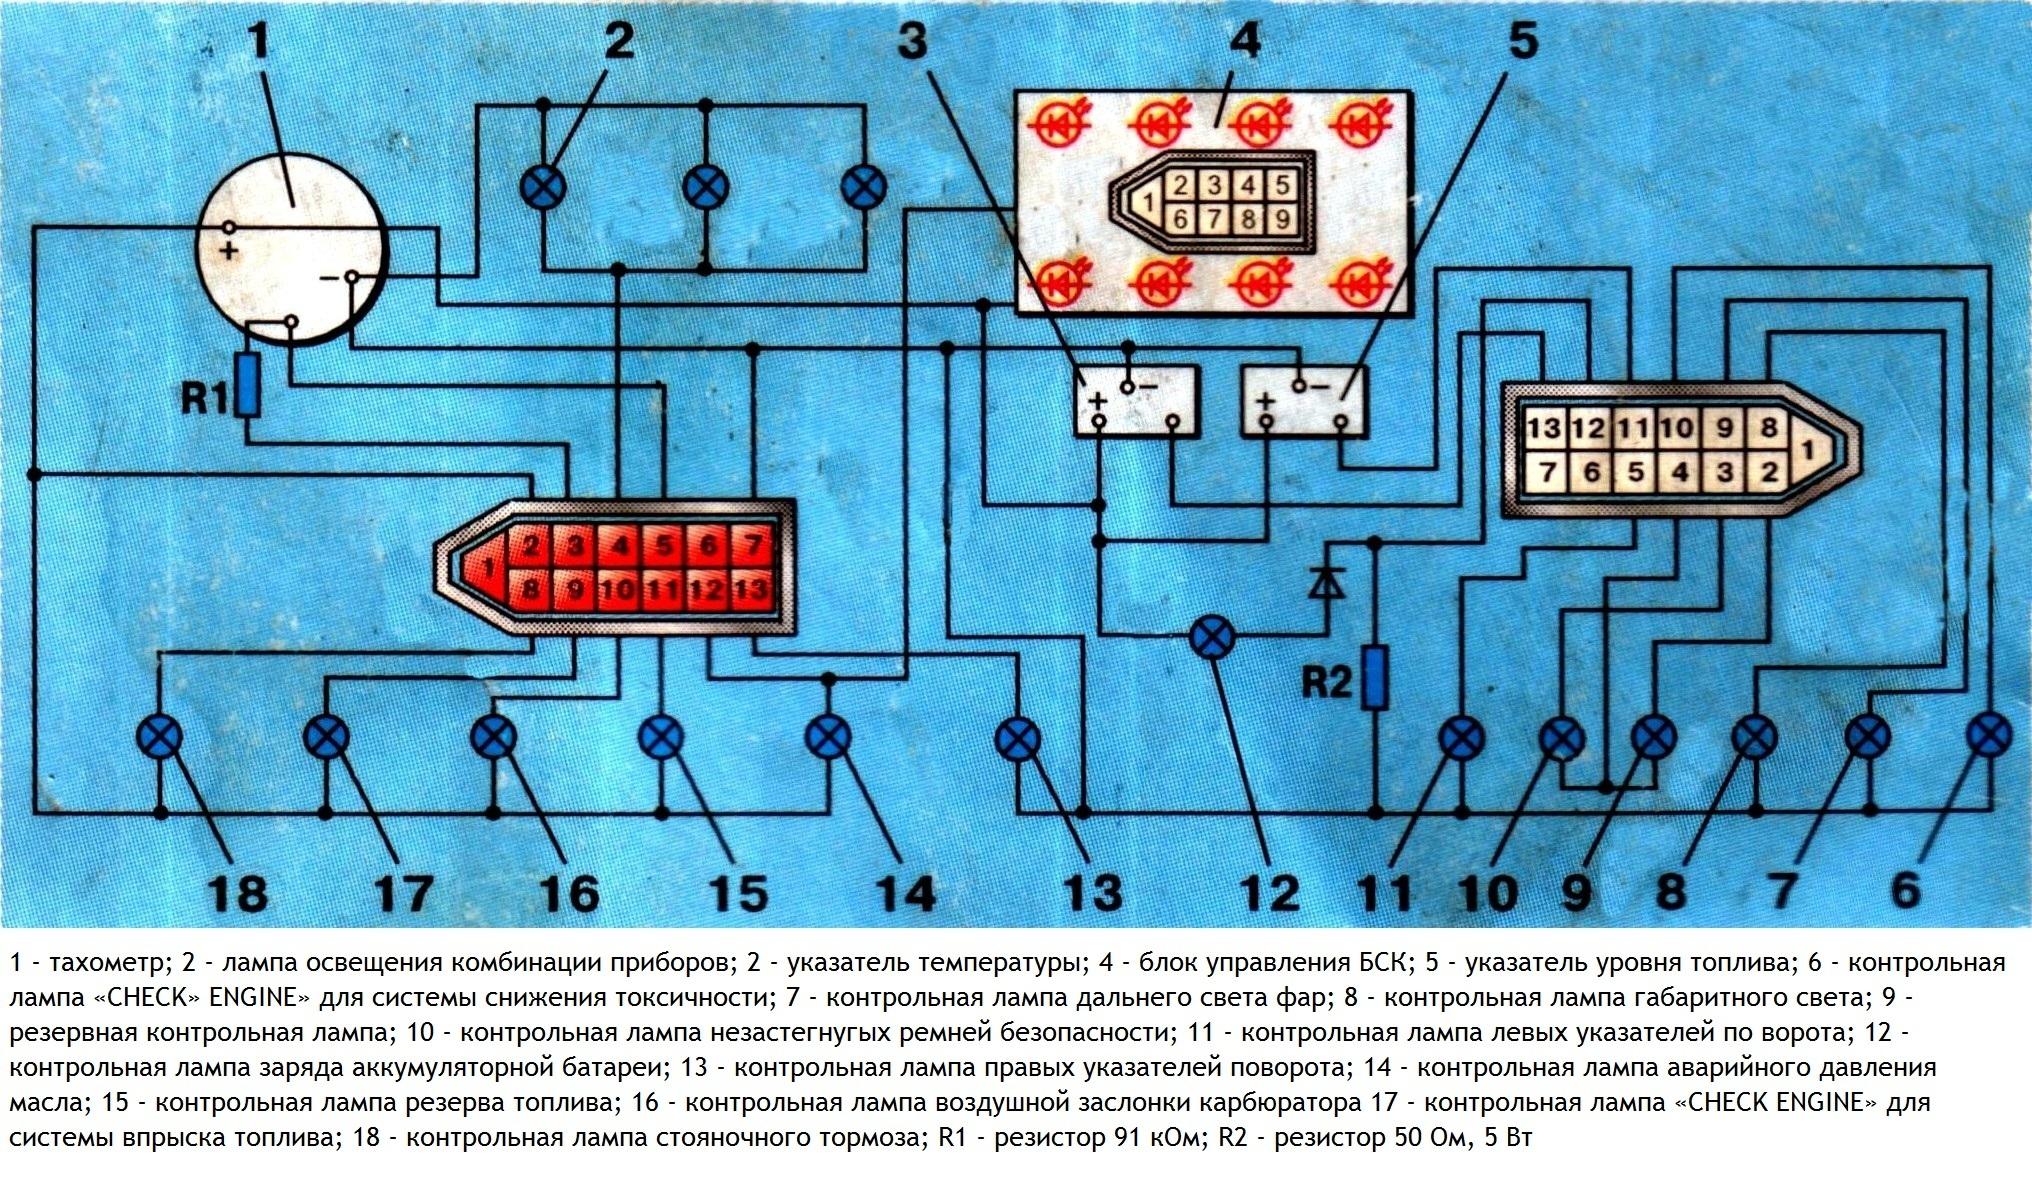 схема щитка приборов ваз-21083